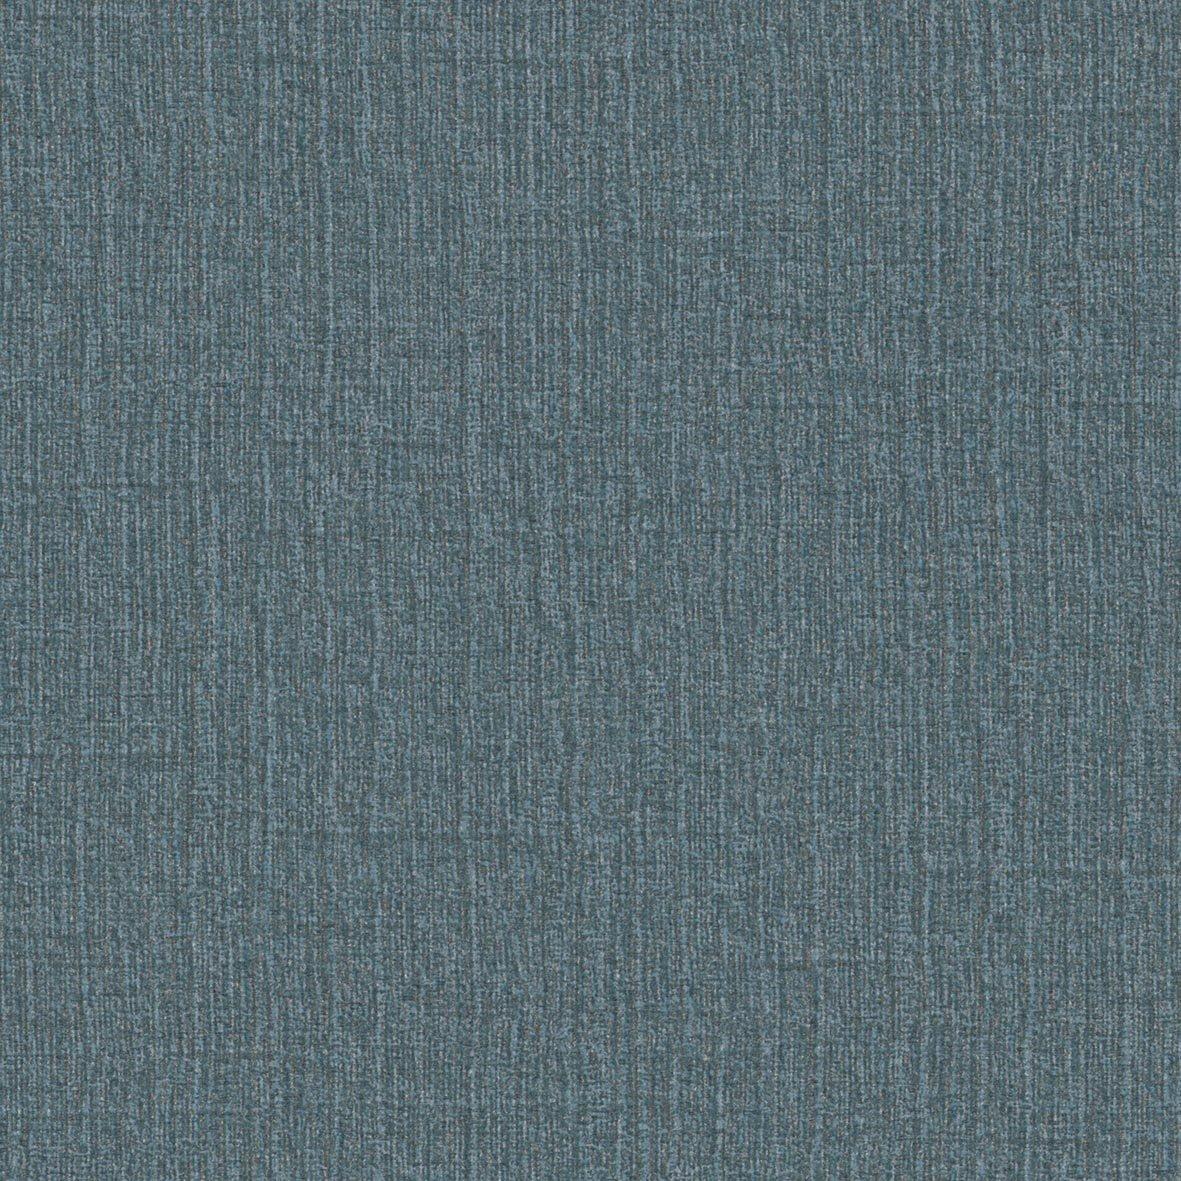 リリカラ 壁紙40m モダン 和紙調 グレー 撥水トップコートComfort Selection-消臭- LW-2065 B076135R9T 40m|グレー2